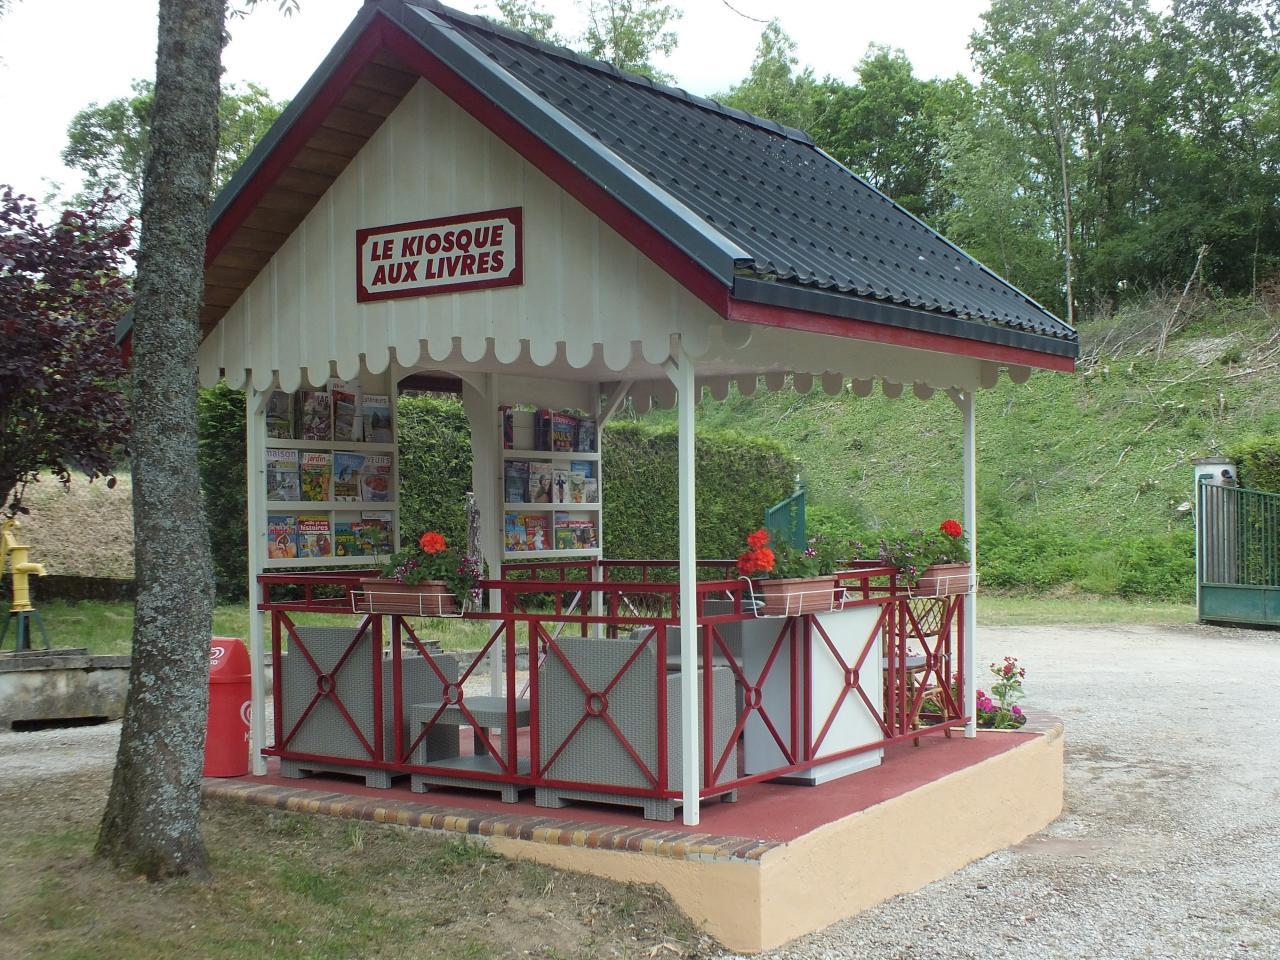 Le kiosque aux livres